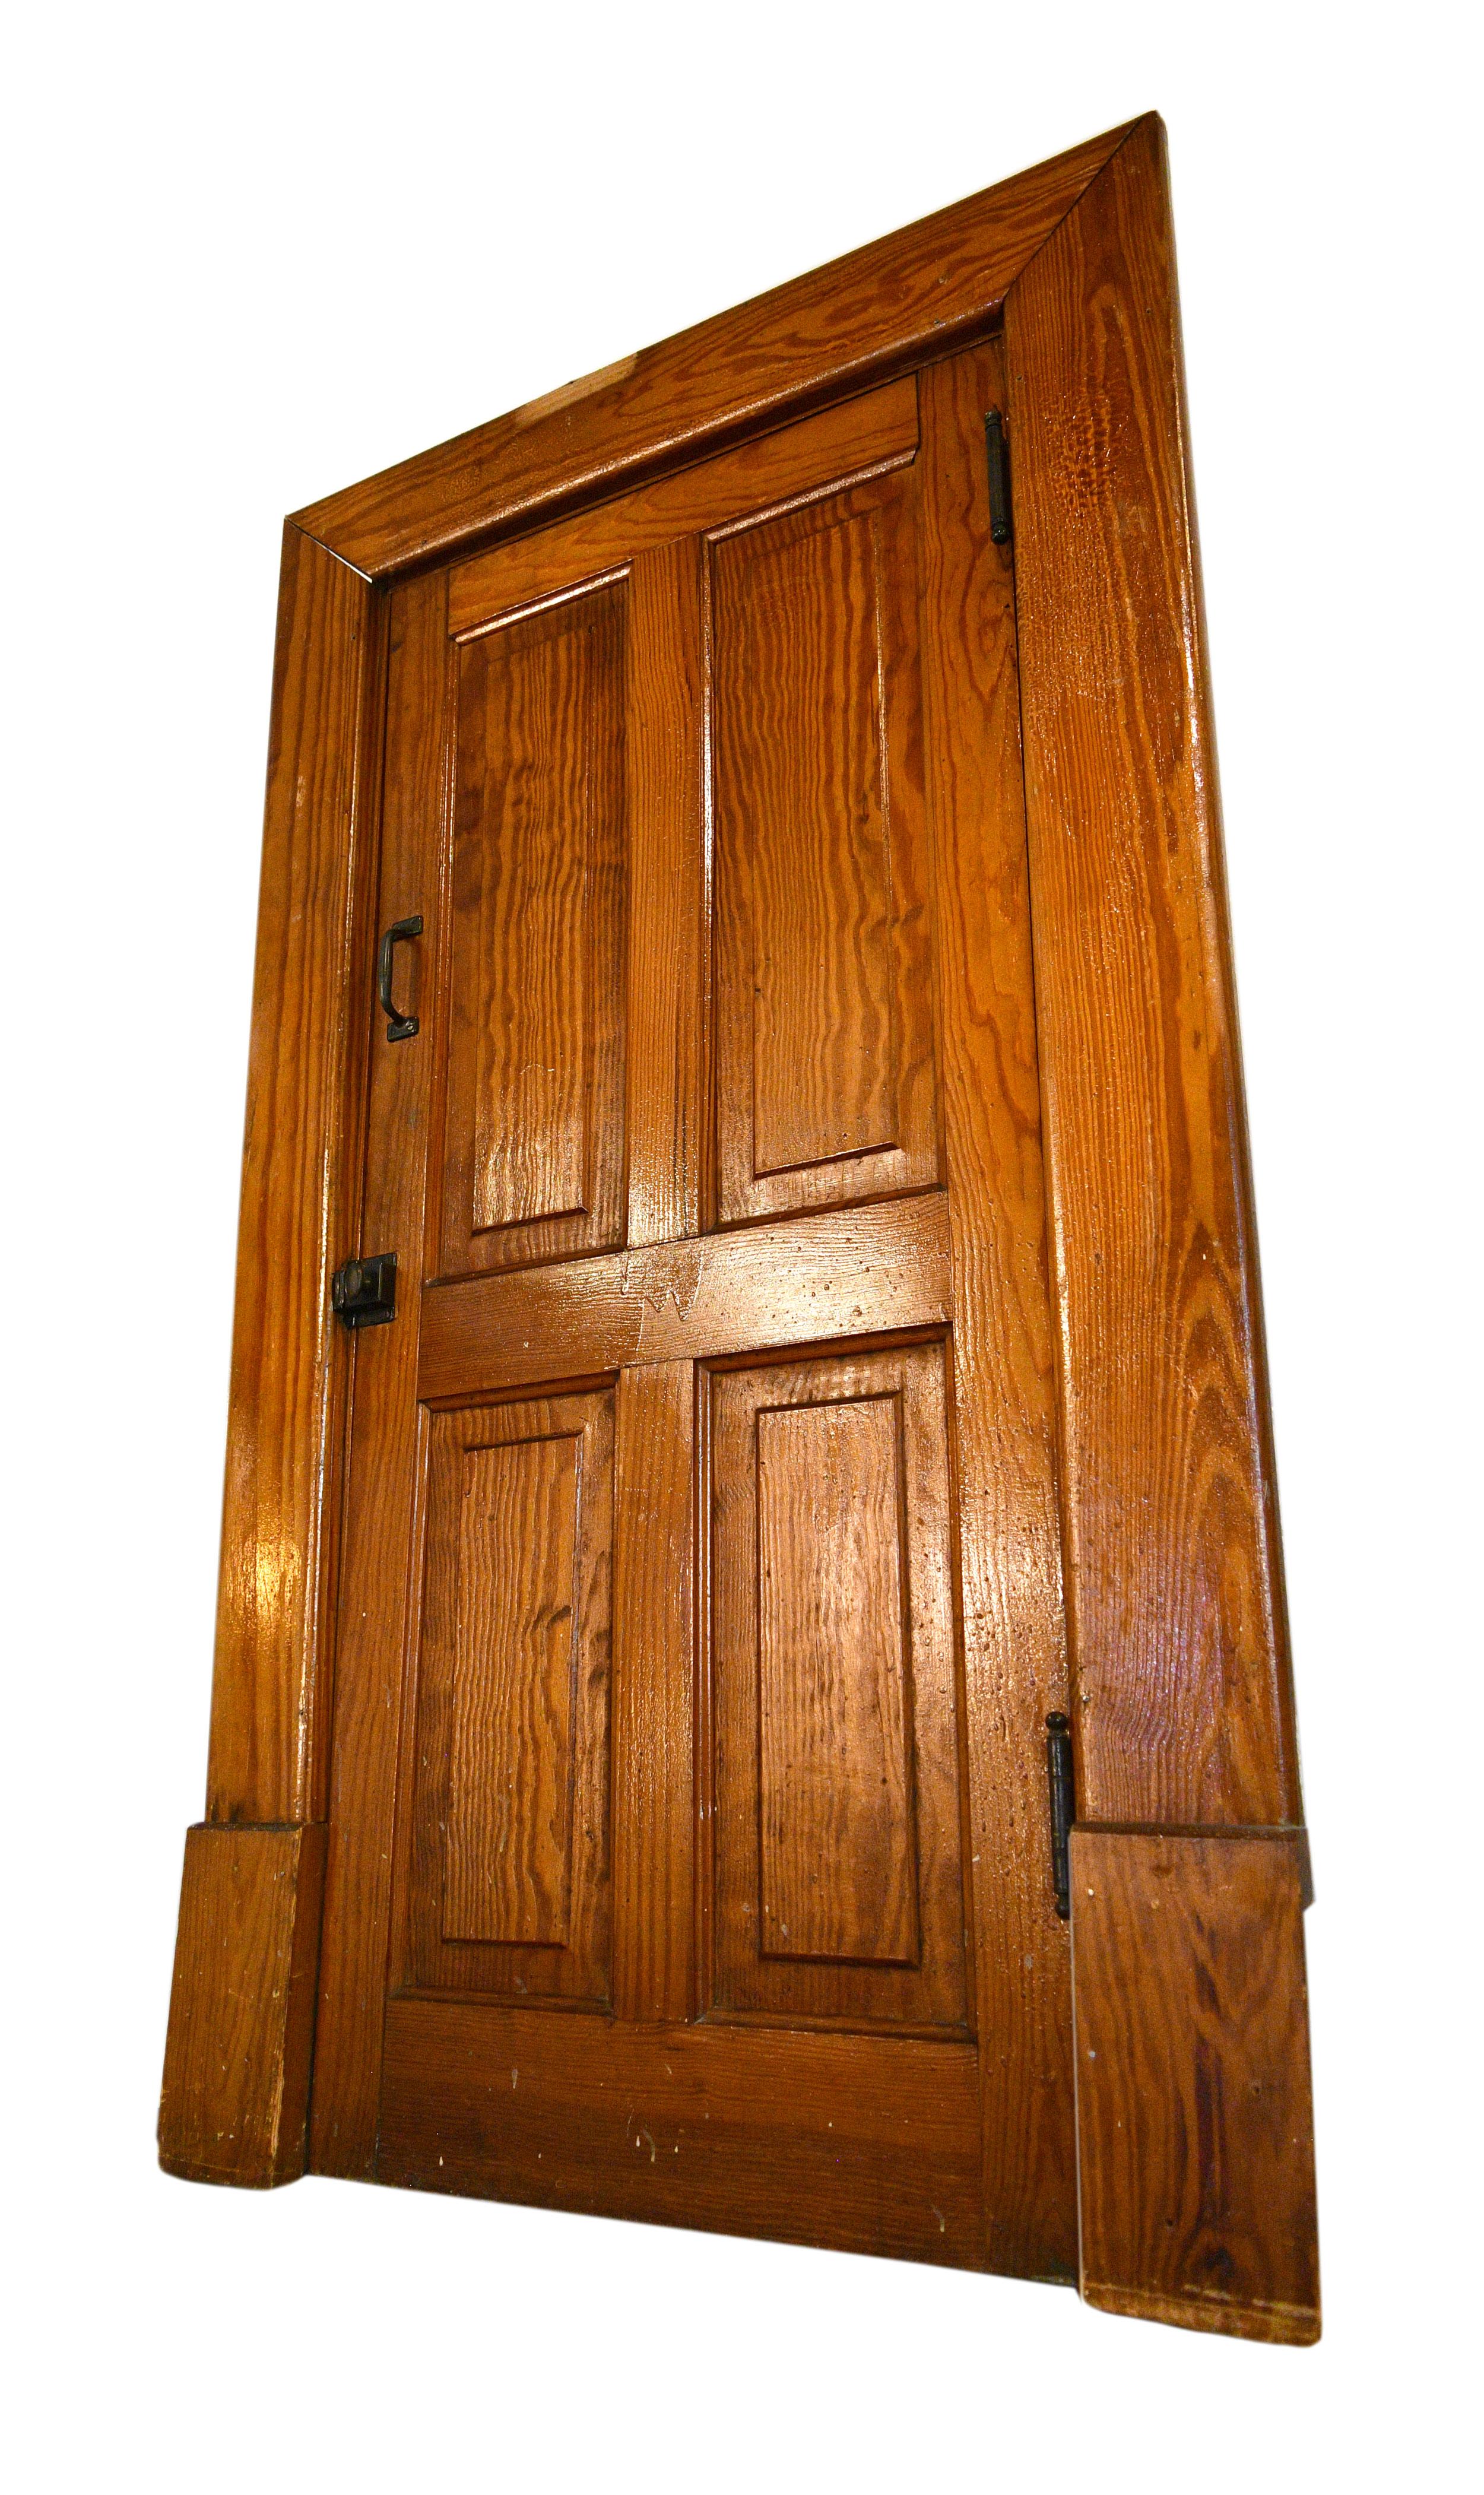 petite-door-4.jpg